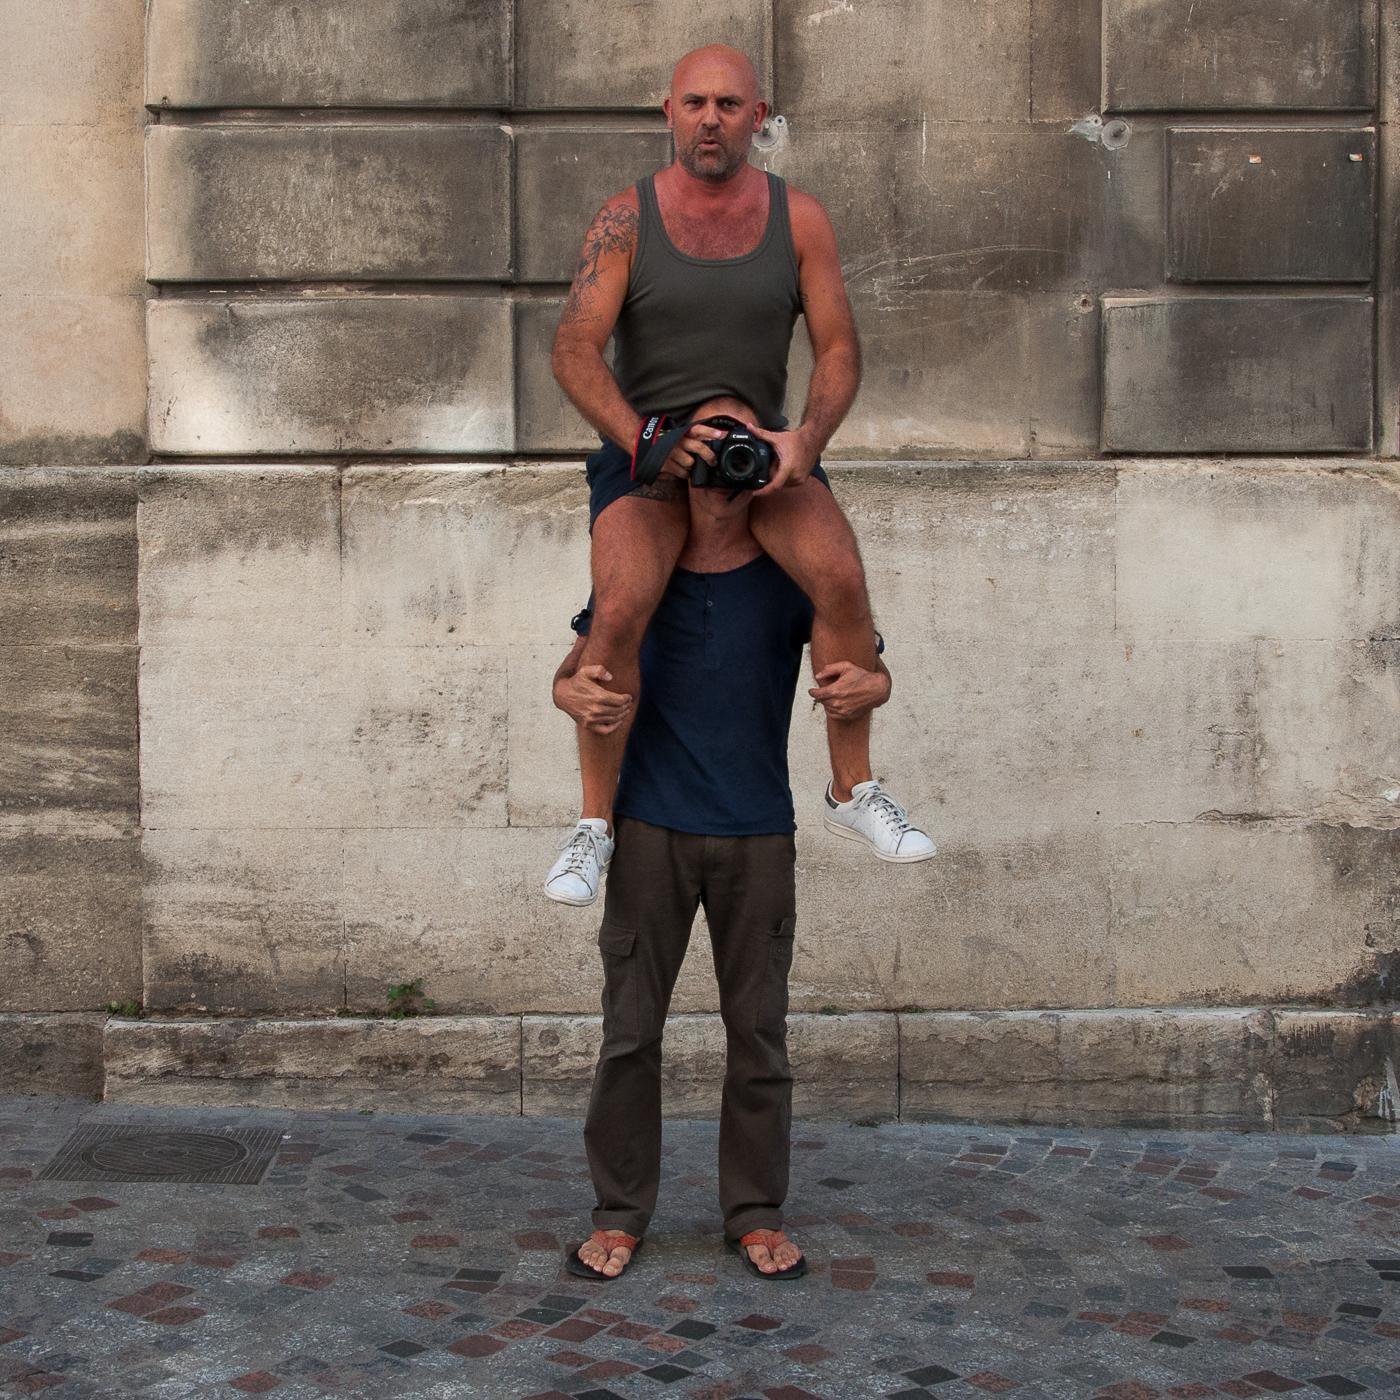 Arles 2015 - Face de photo